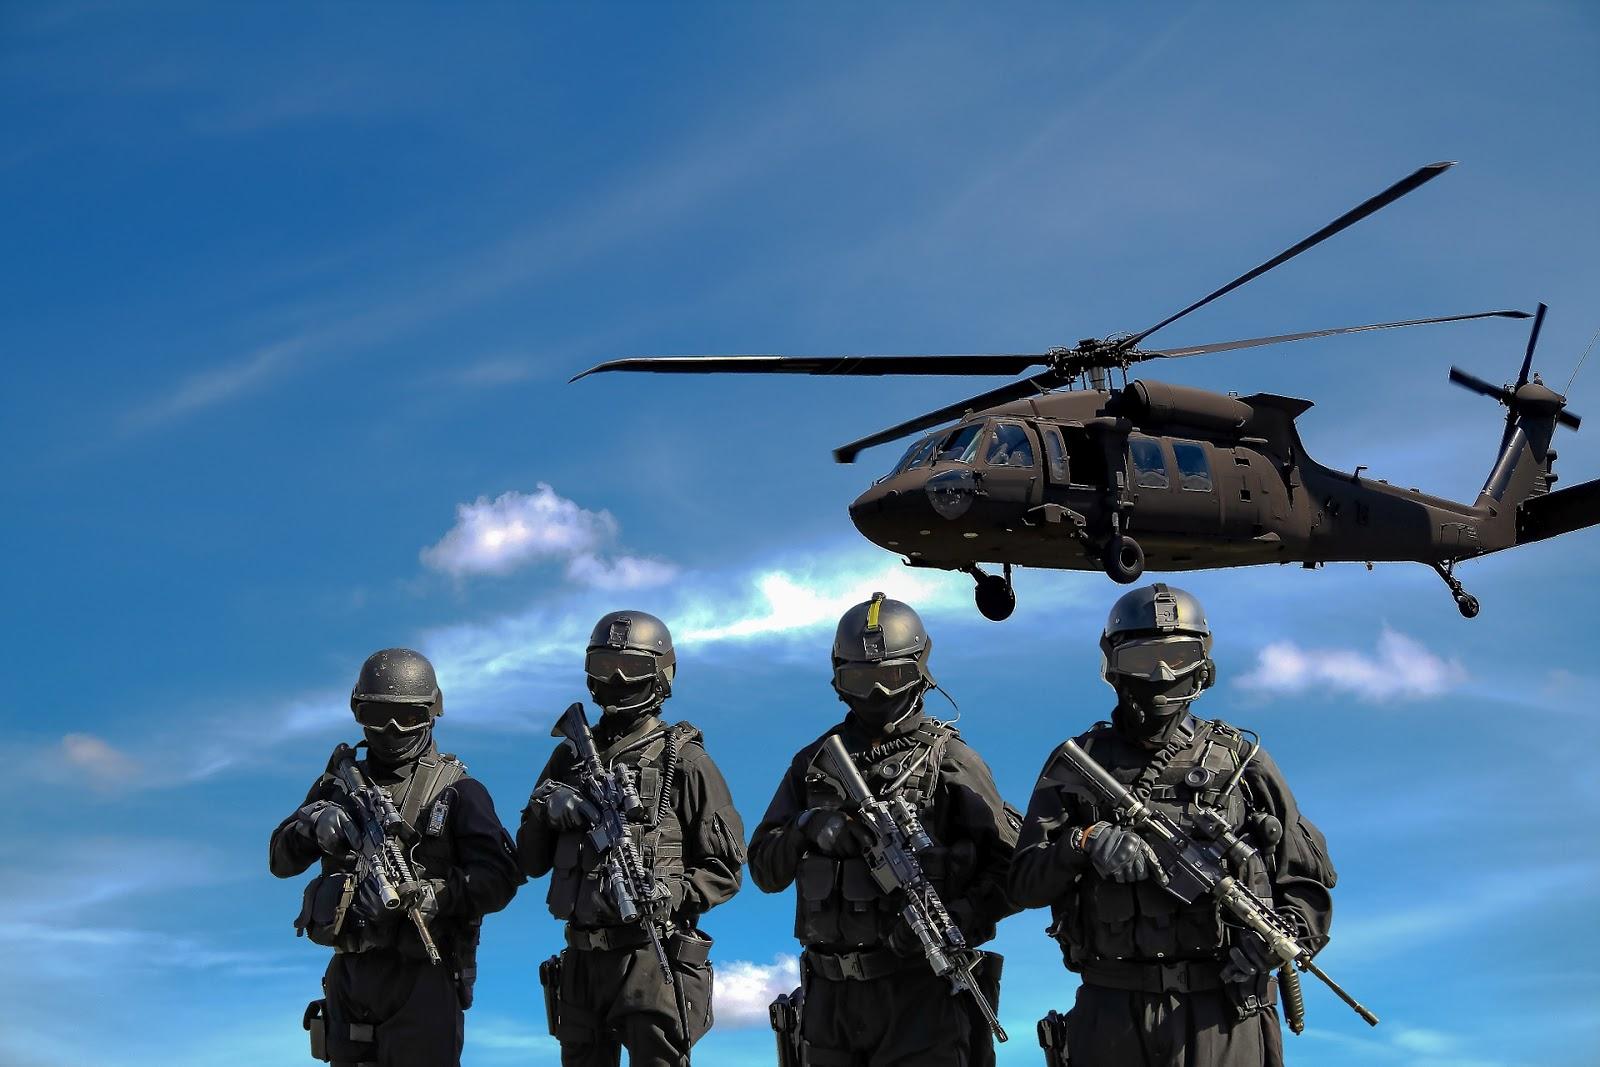 मार्कोस कमांडो बनने के लिए कौन कौन से ट्रैनिंग से गुजरना पड़ता है ??? -  INDIAN ARMY